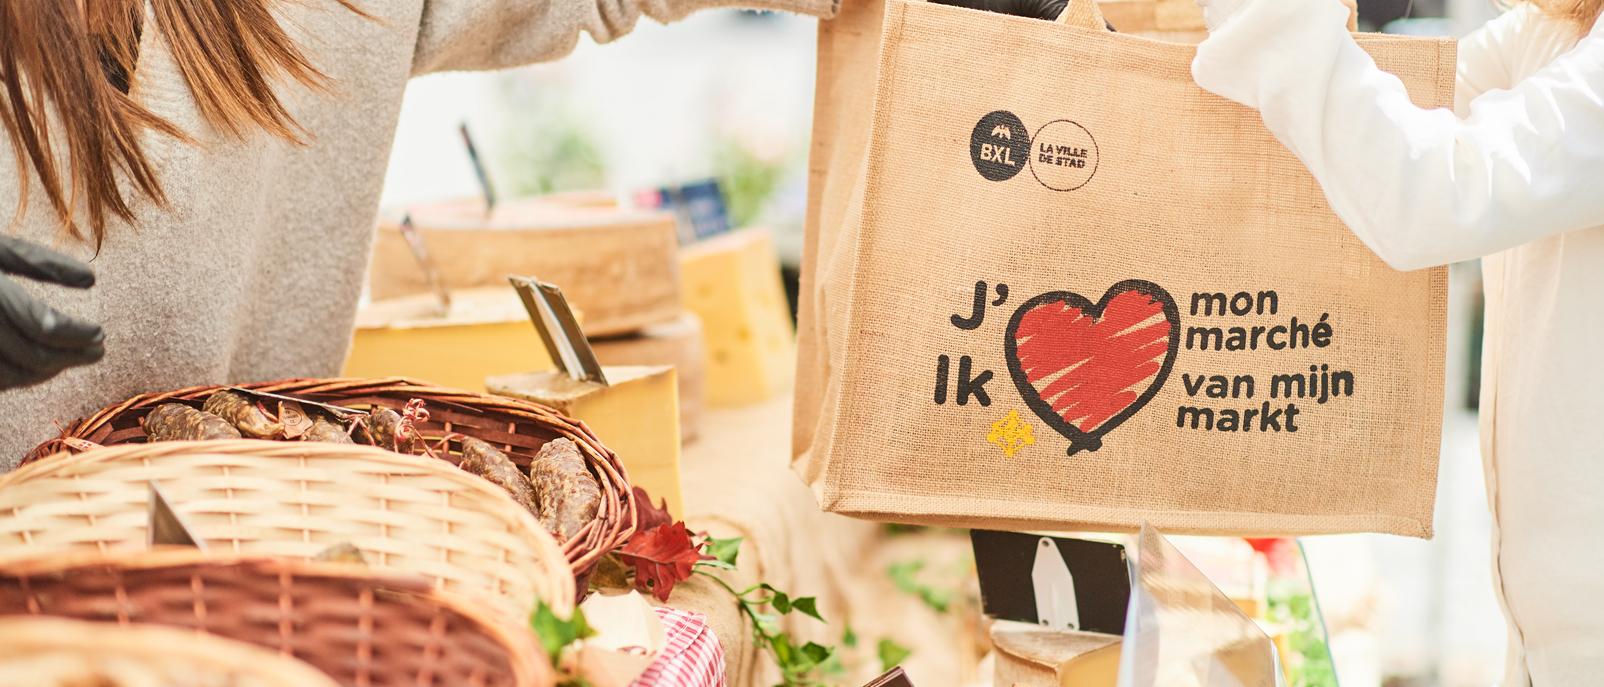 Campagne « Ik hou van mijn markt 2018 »